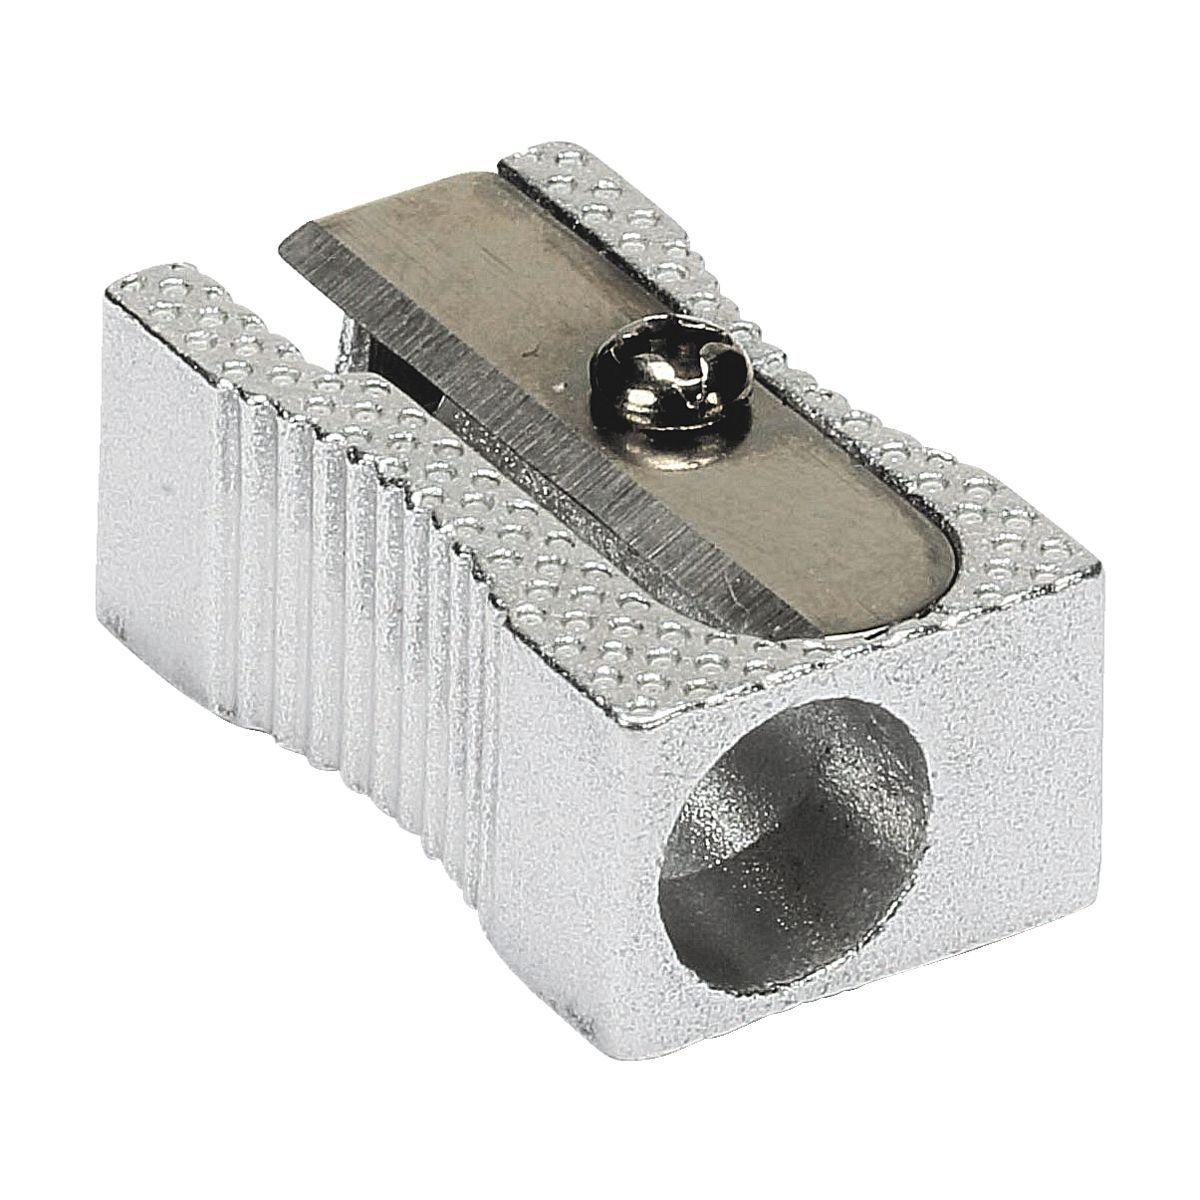 WESTCOTT Metall-Einfachanspitzer silber